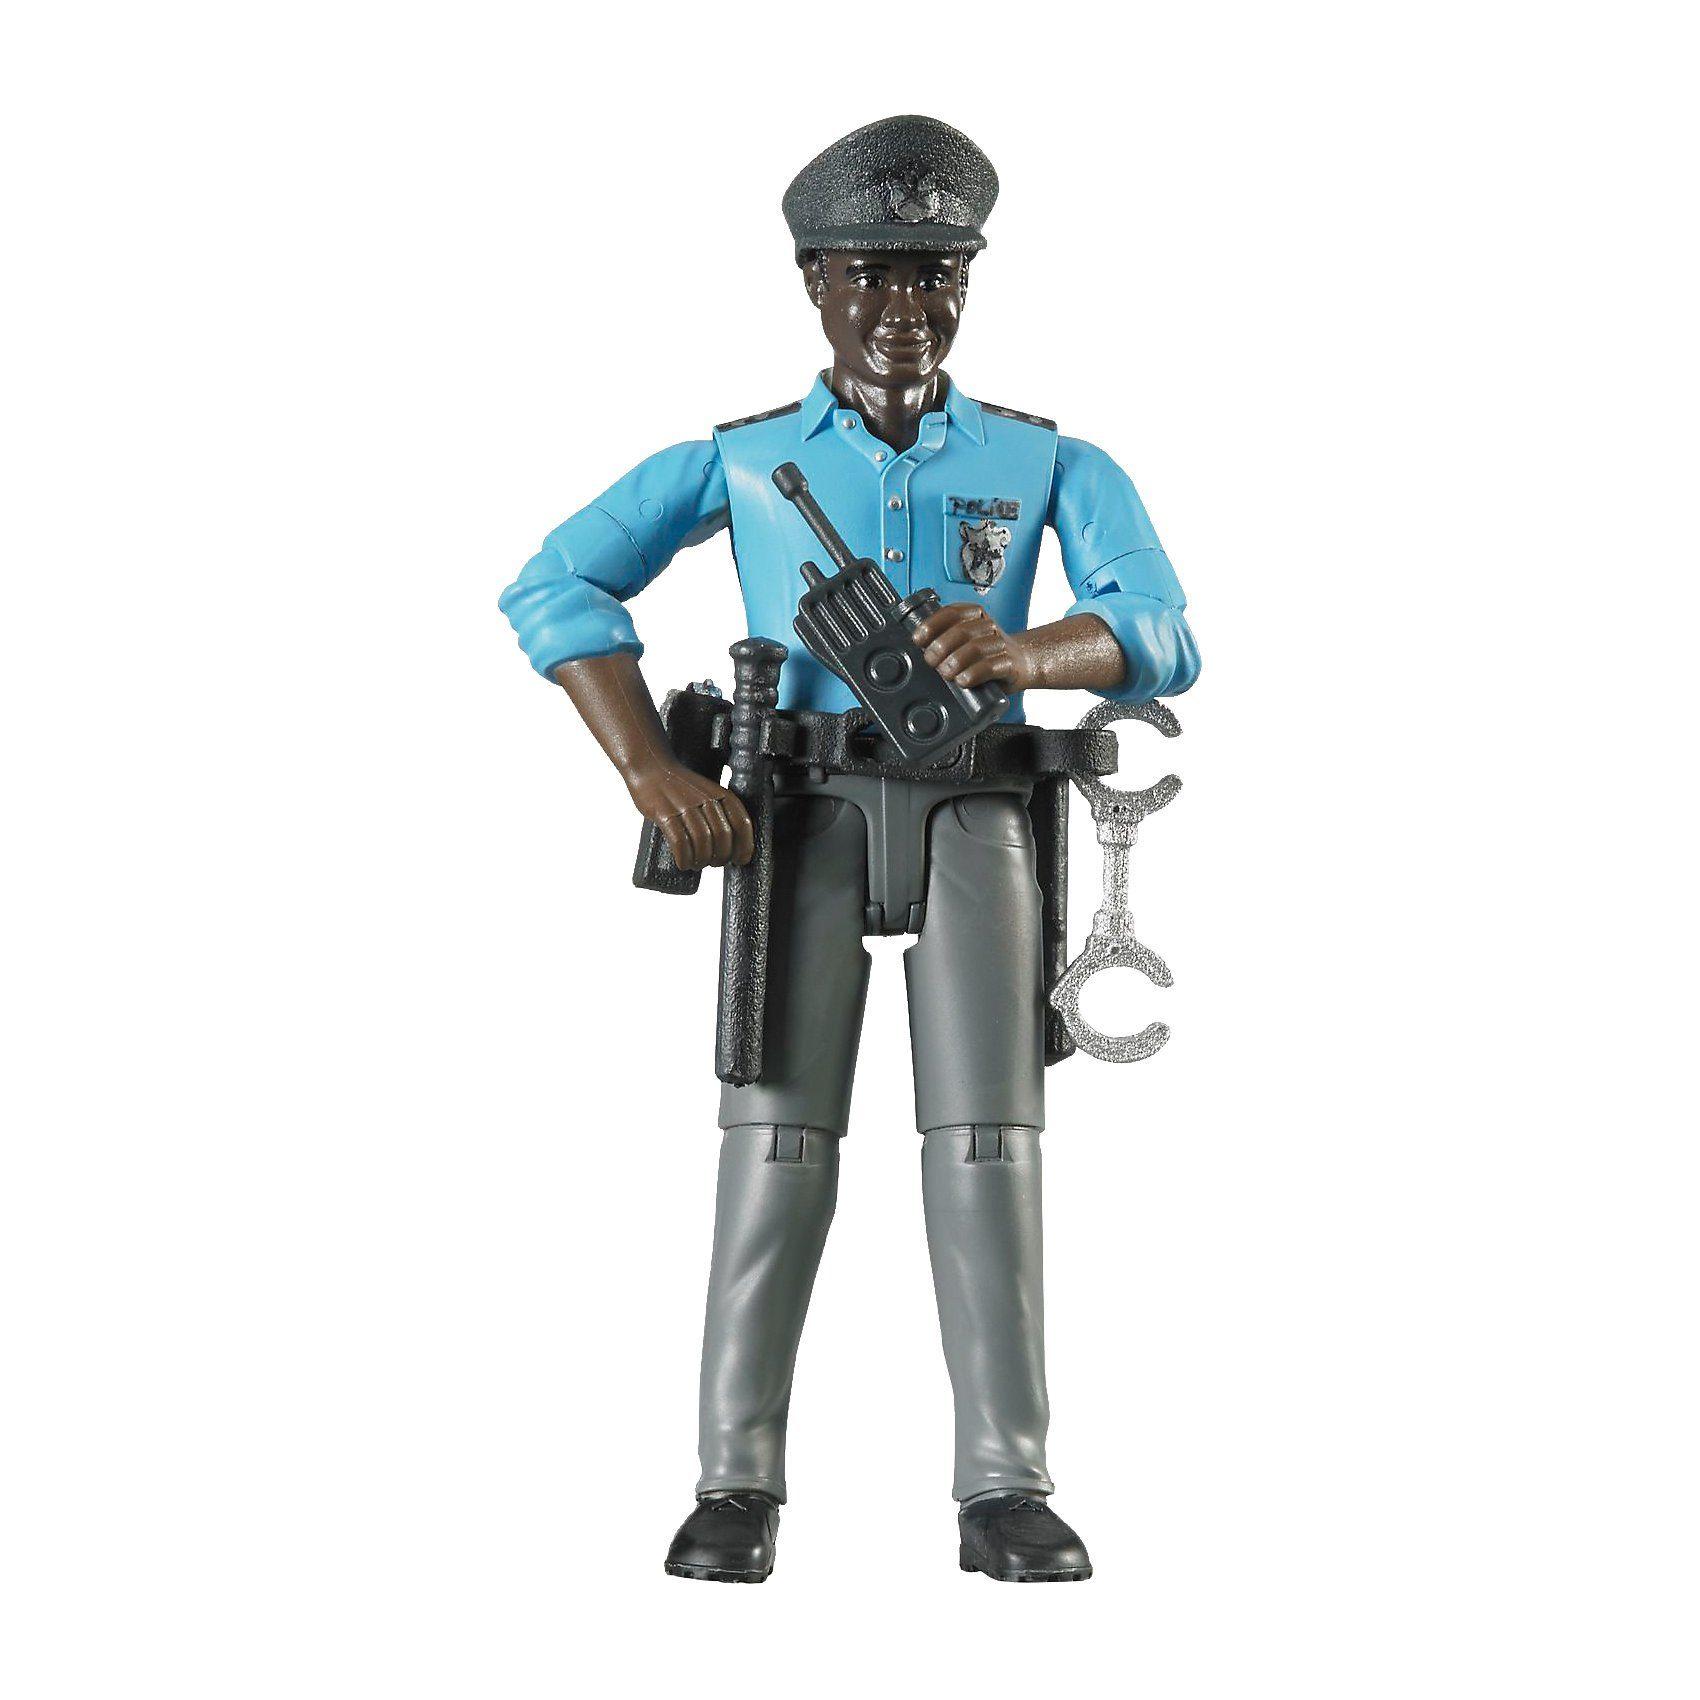 Bruder 60051 bworld Polizist dunkle Haut